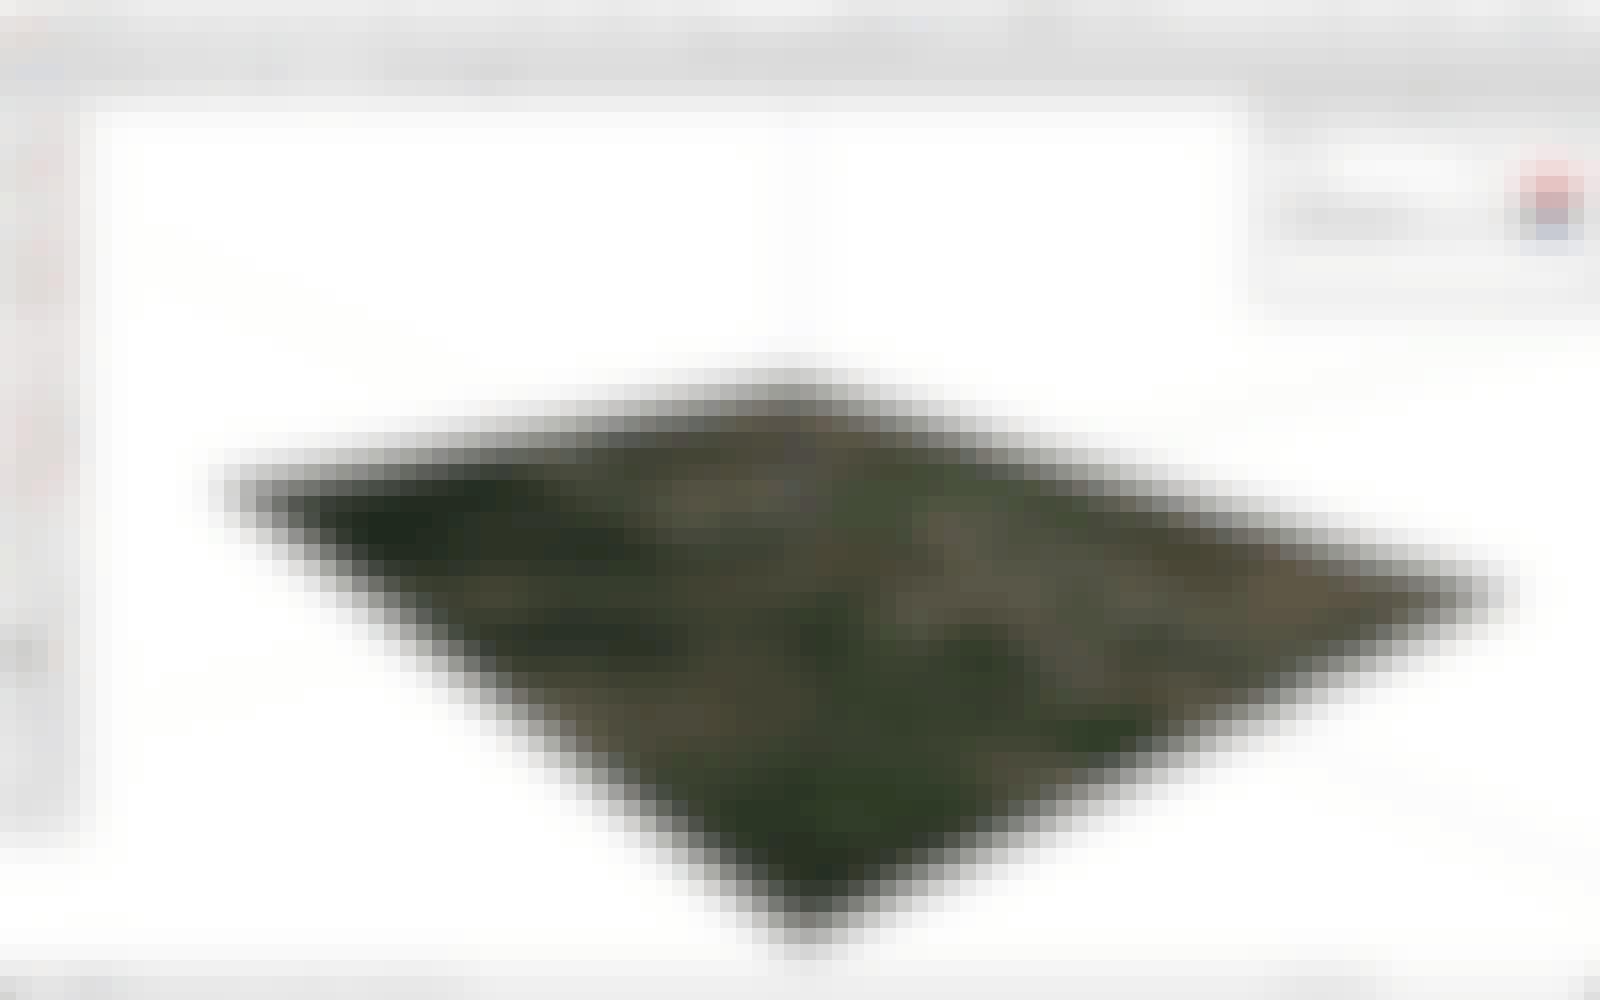 2d satellite image